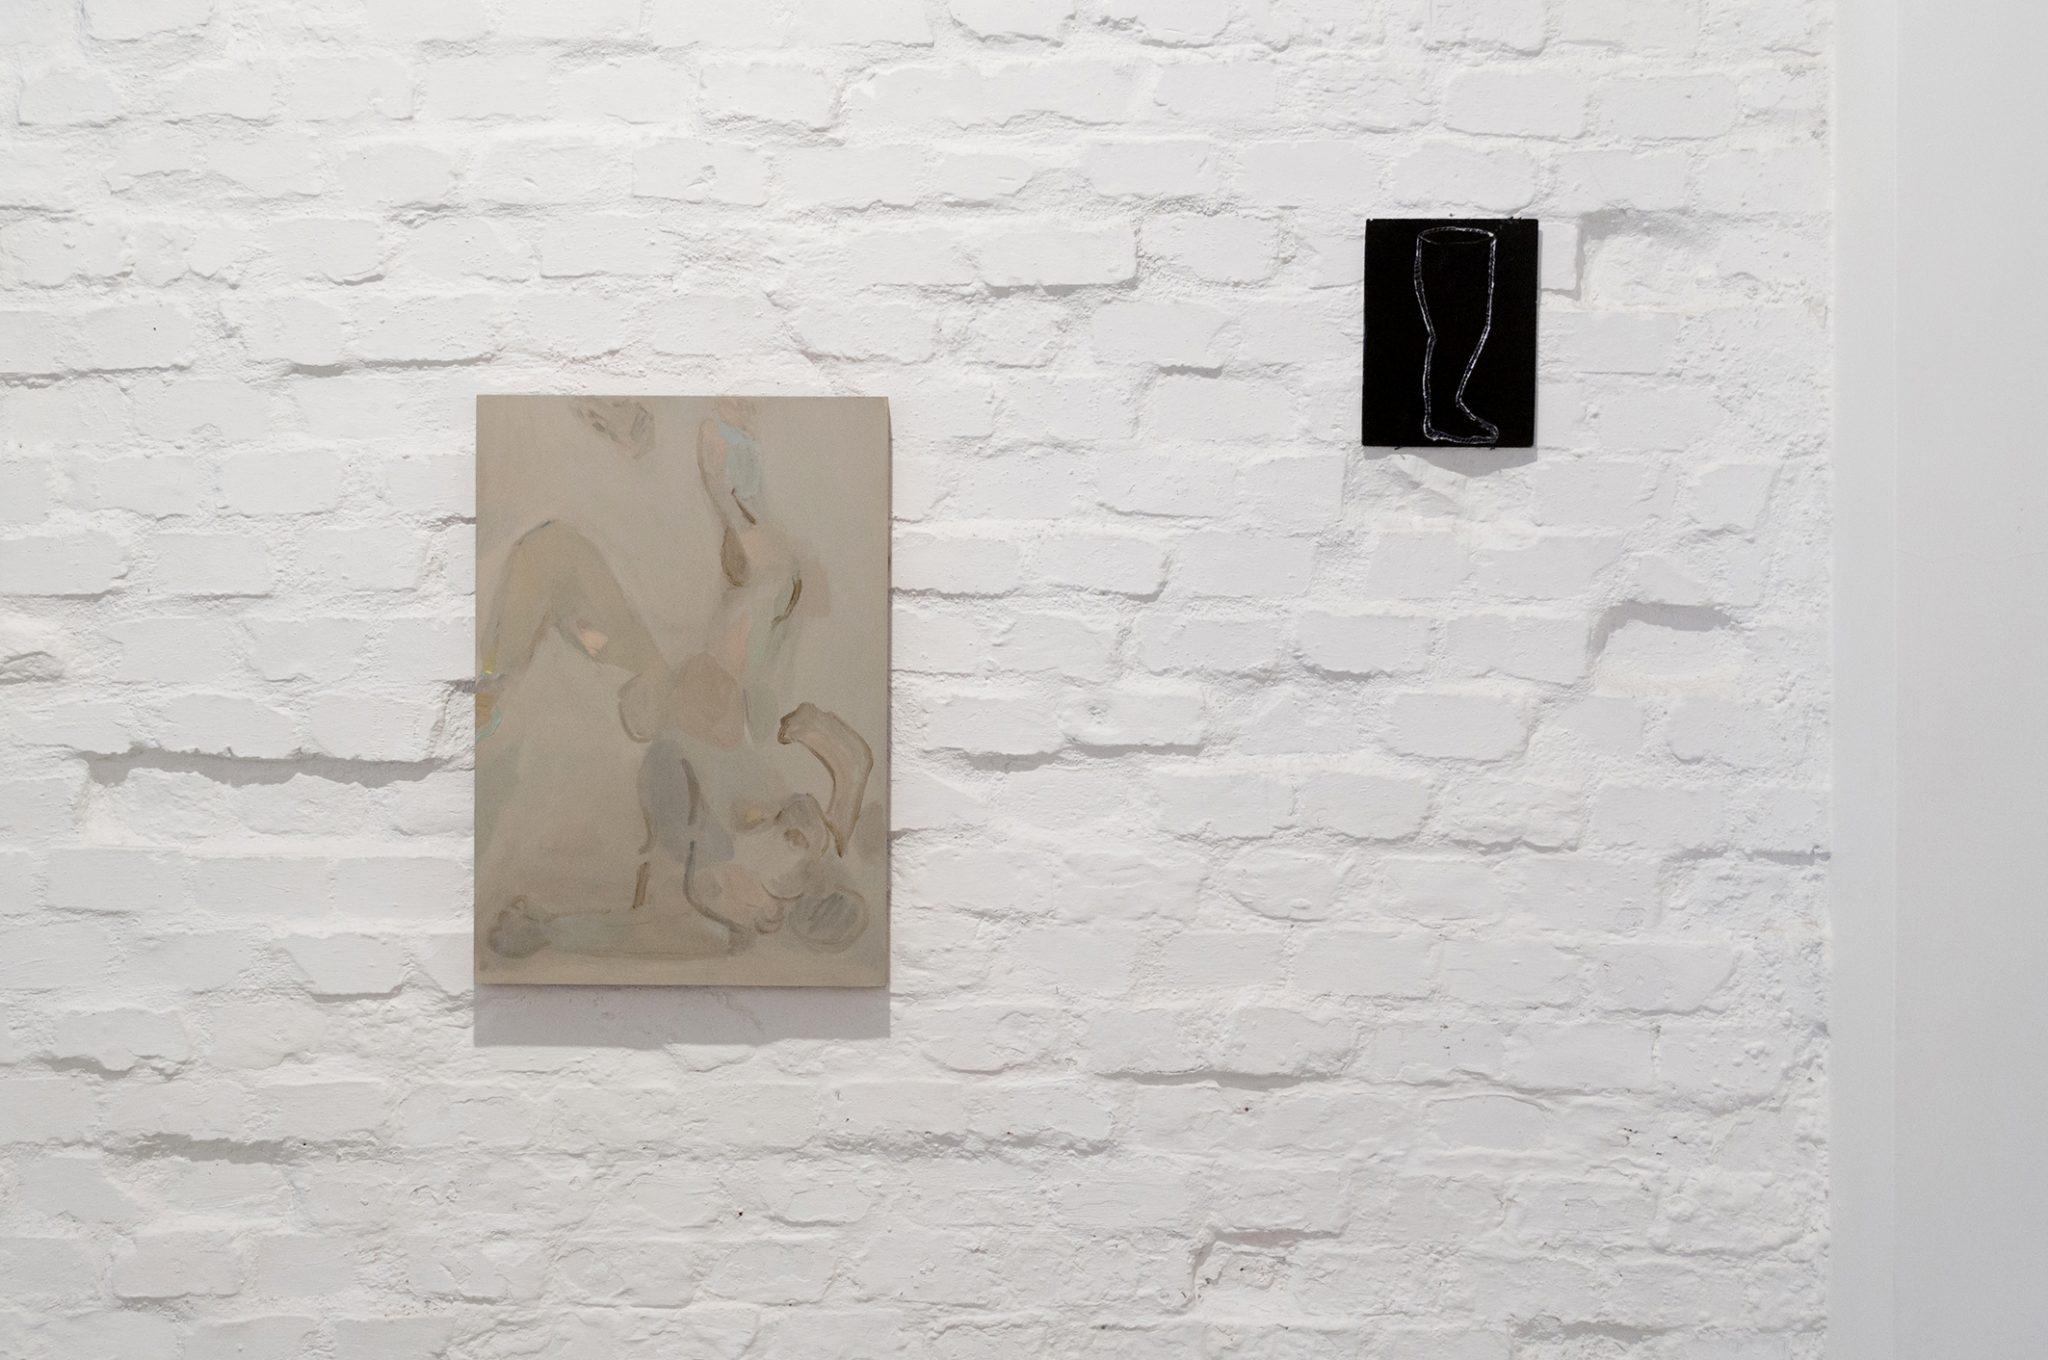 Panoramica mostra Tra un atto e l'altro di Beatrice Meoni, galleria Cardelli & Fontana